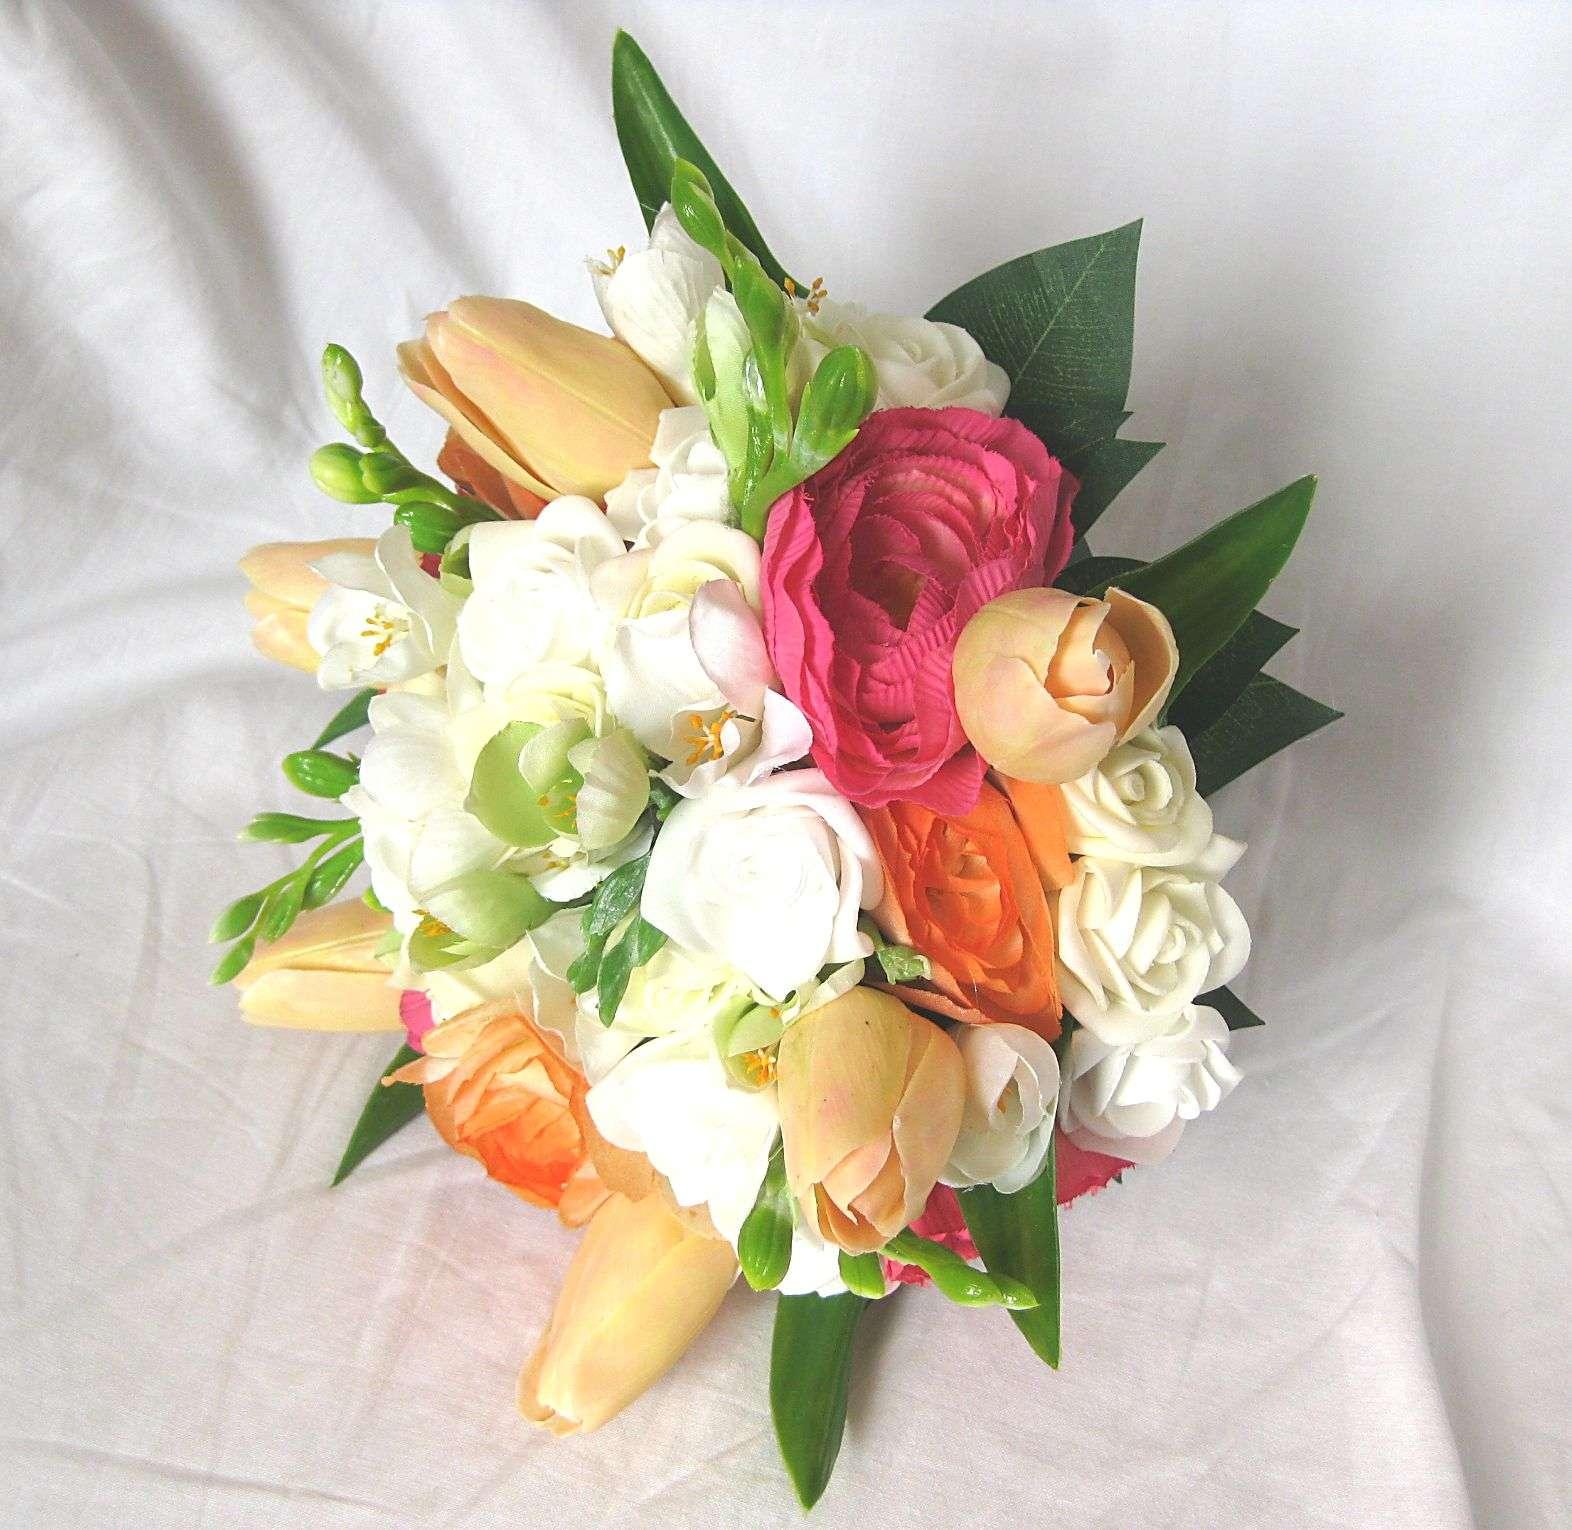 Svatební kytice - tulipán, ranunculus, frézie - Obrázek č. 4